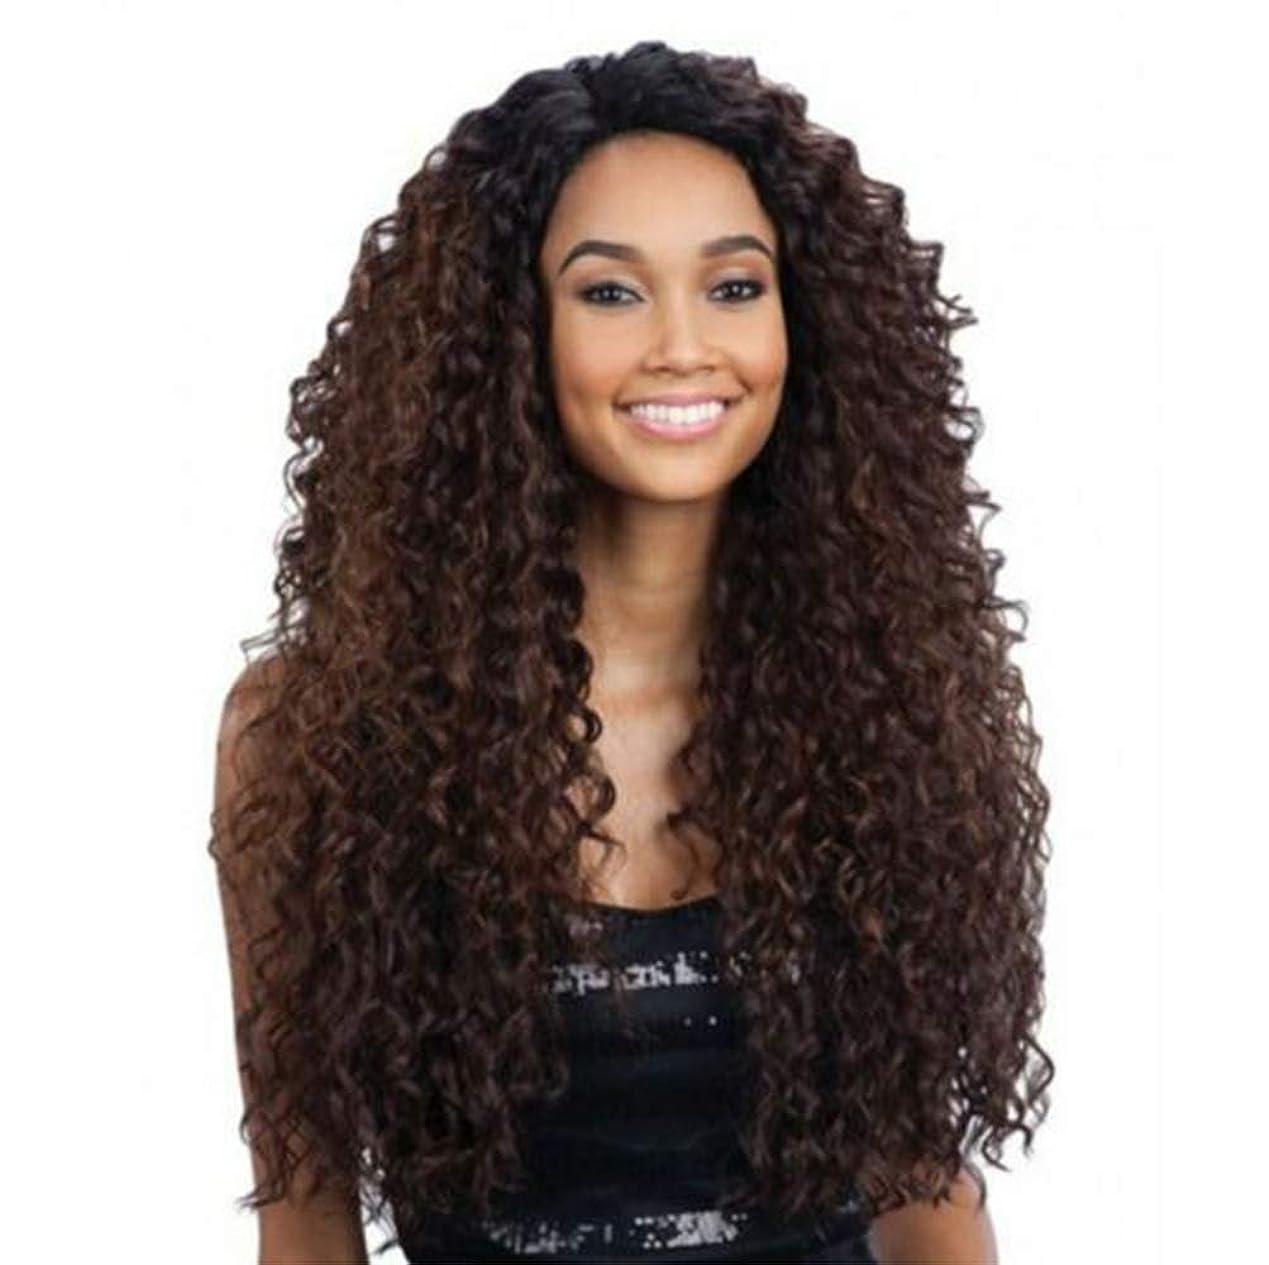 熱心傷つきやすいカストディアンフロントレースの女性ロングカーリー変態波状かつら合成耐熱繊維毛髪かつら黒26インチ